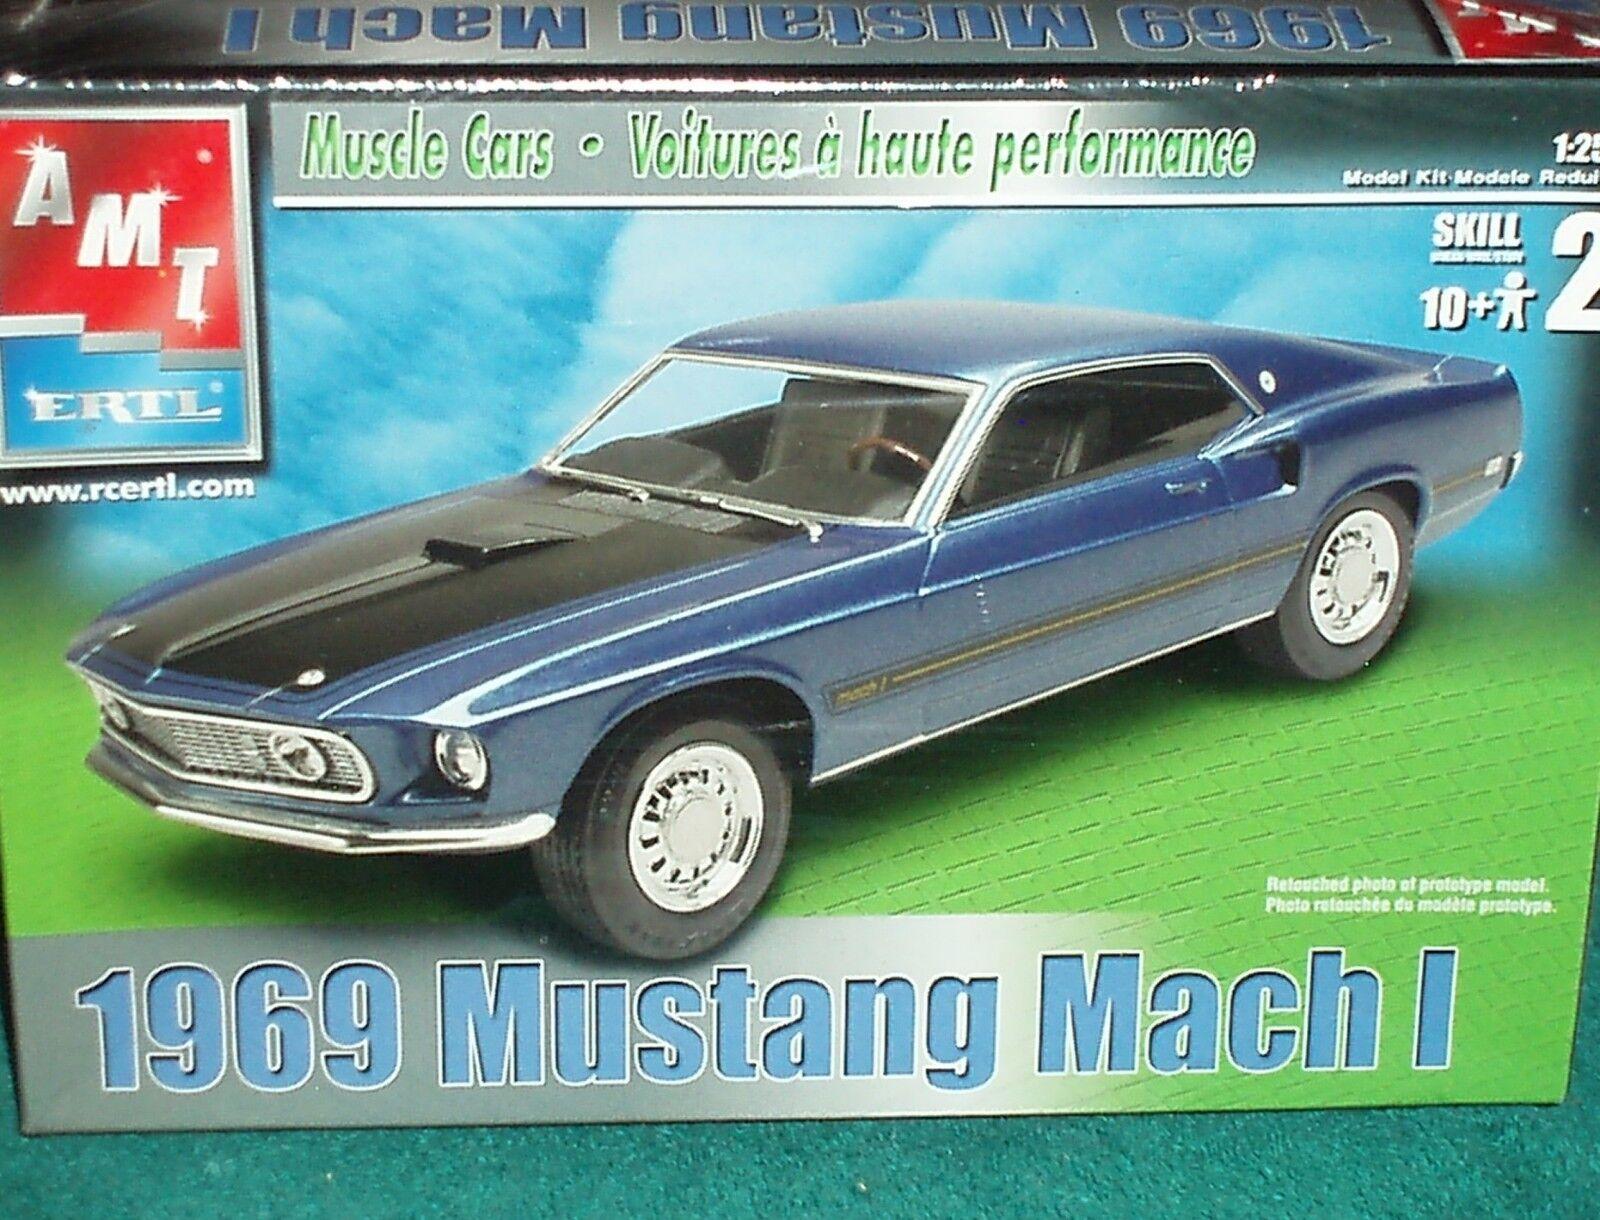 servicio honesto Juguetes Modelo De Aluminio Aluminio Aluminio 1969 Ford Mustang Mach 1 Plástico Modelo Kit 1 25 nivel de habilidad 2 Nuevo En Caja Sellada  tiendas minoristas